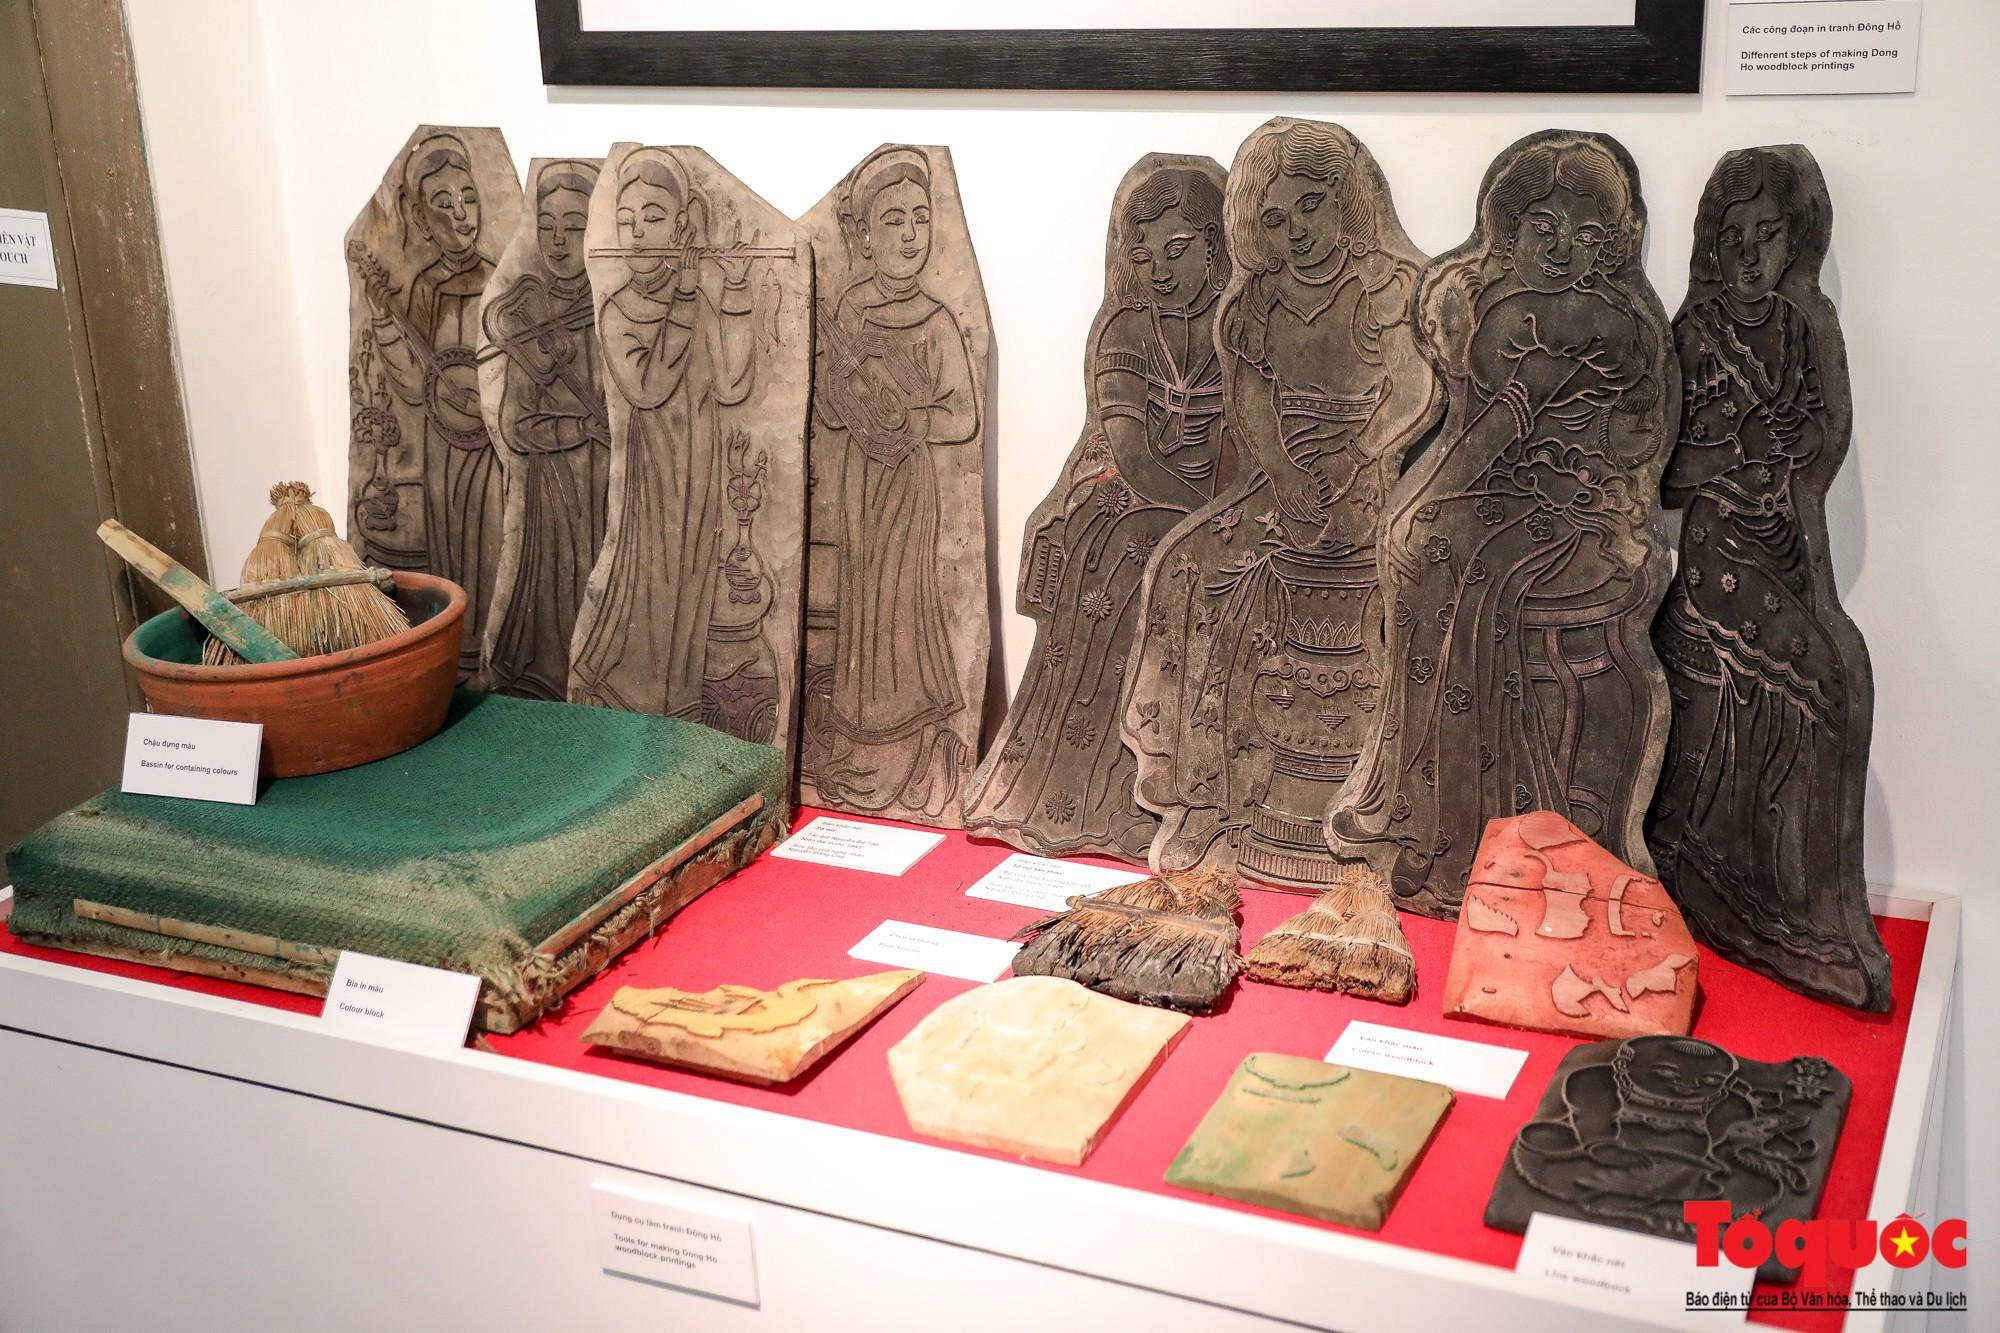 """Khai mạc triển lãm """"Tranh dân gian Đông hồ xưa và nay"""": Trưng bày hơn 100 hiện vật của tranh dân gian Đông Hồ - Ảnh 7."""